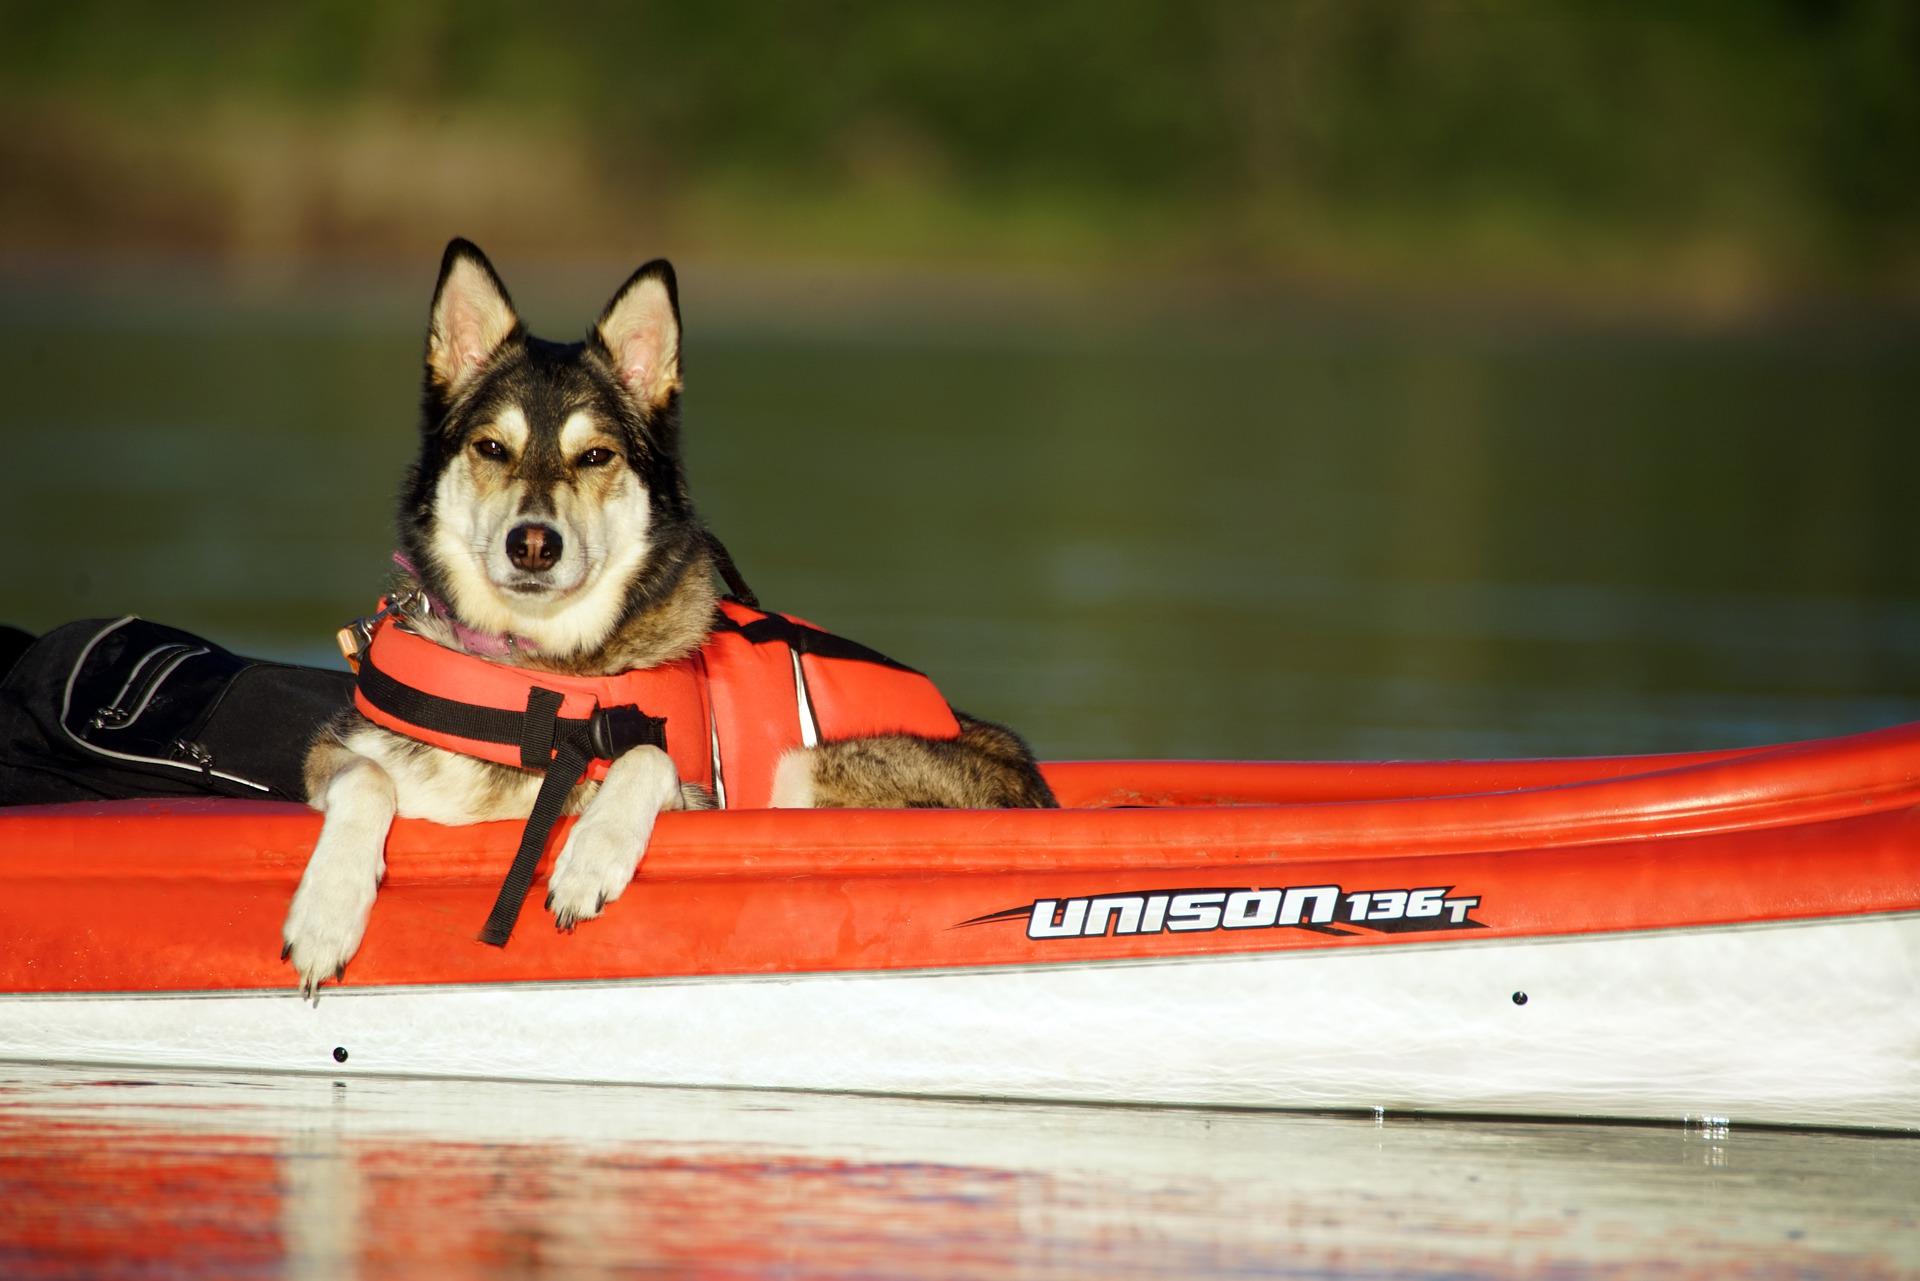 Comment choisir le harnais de sauvetage de son chien